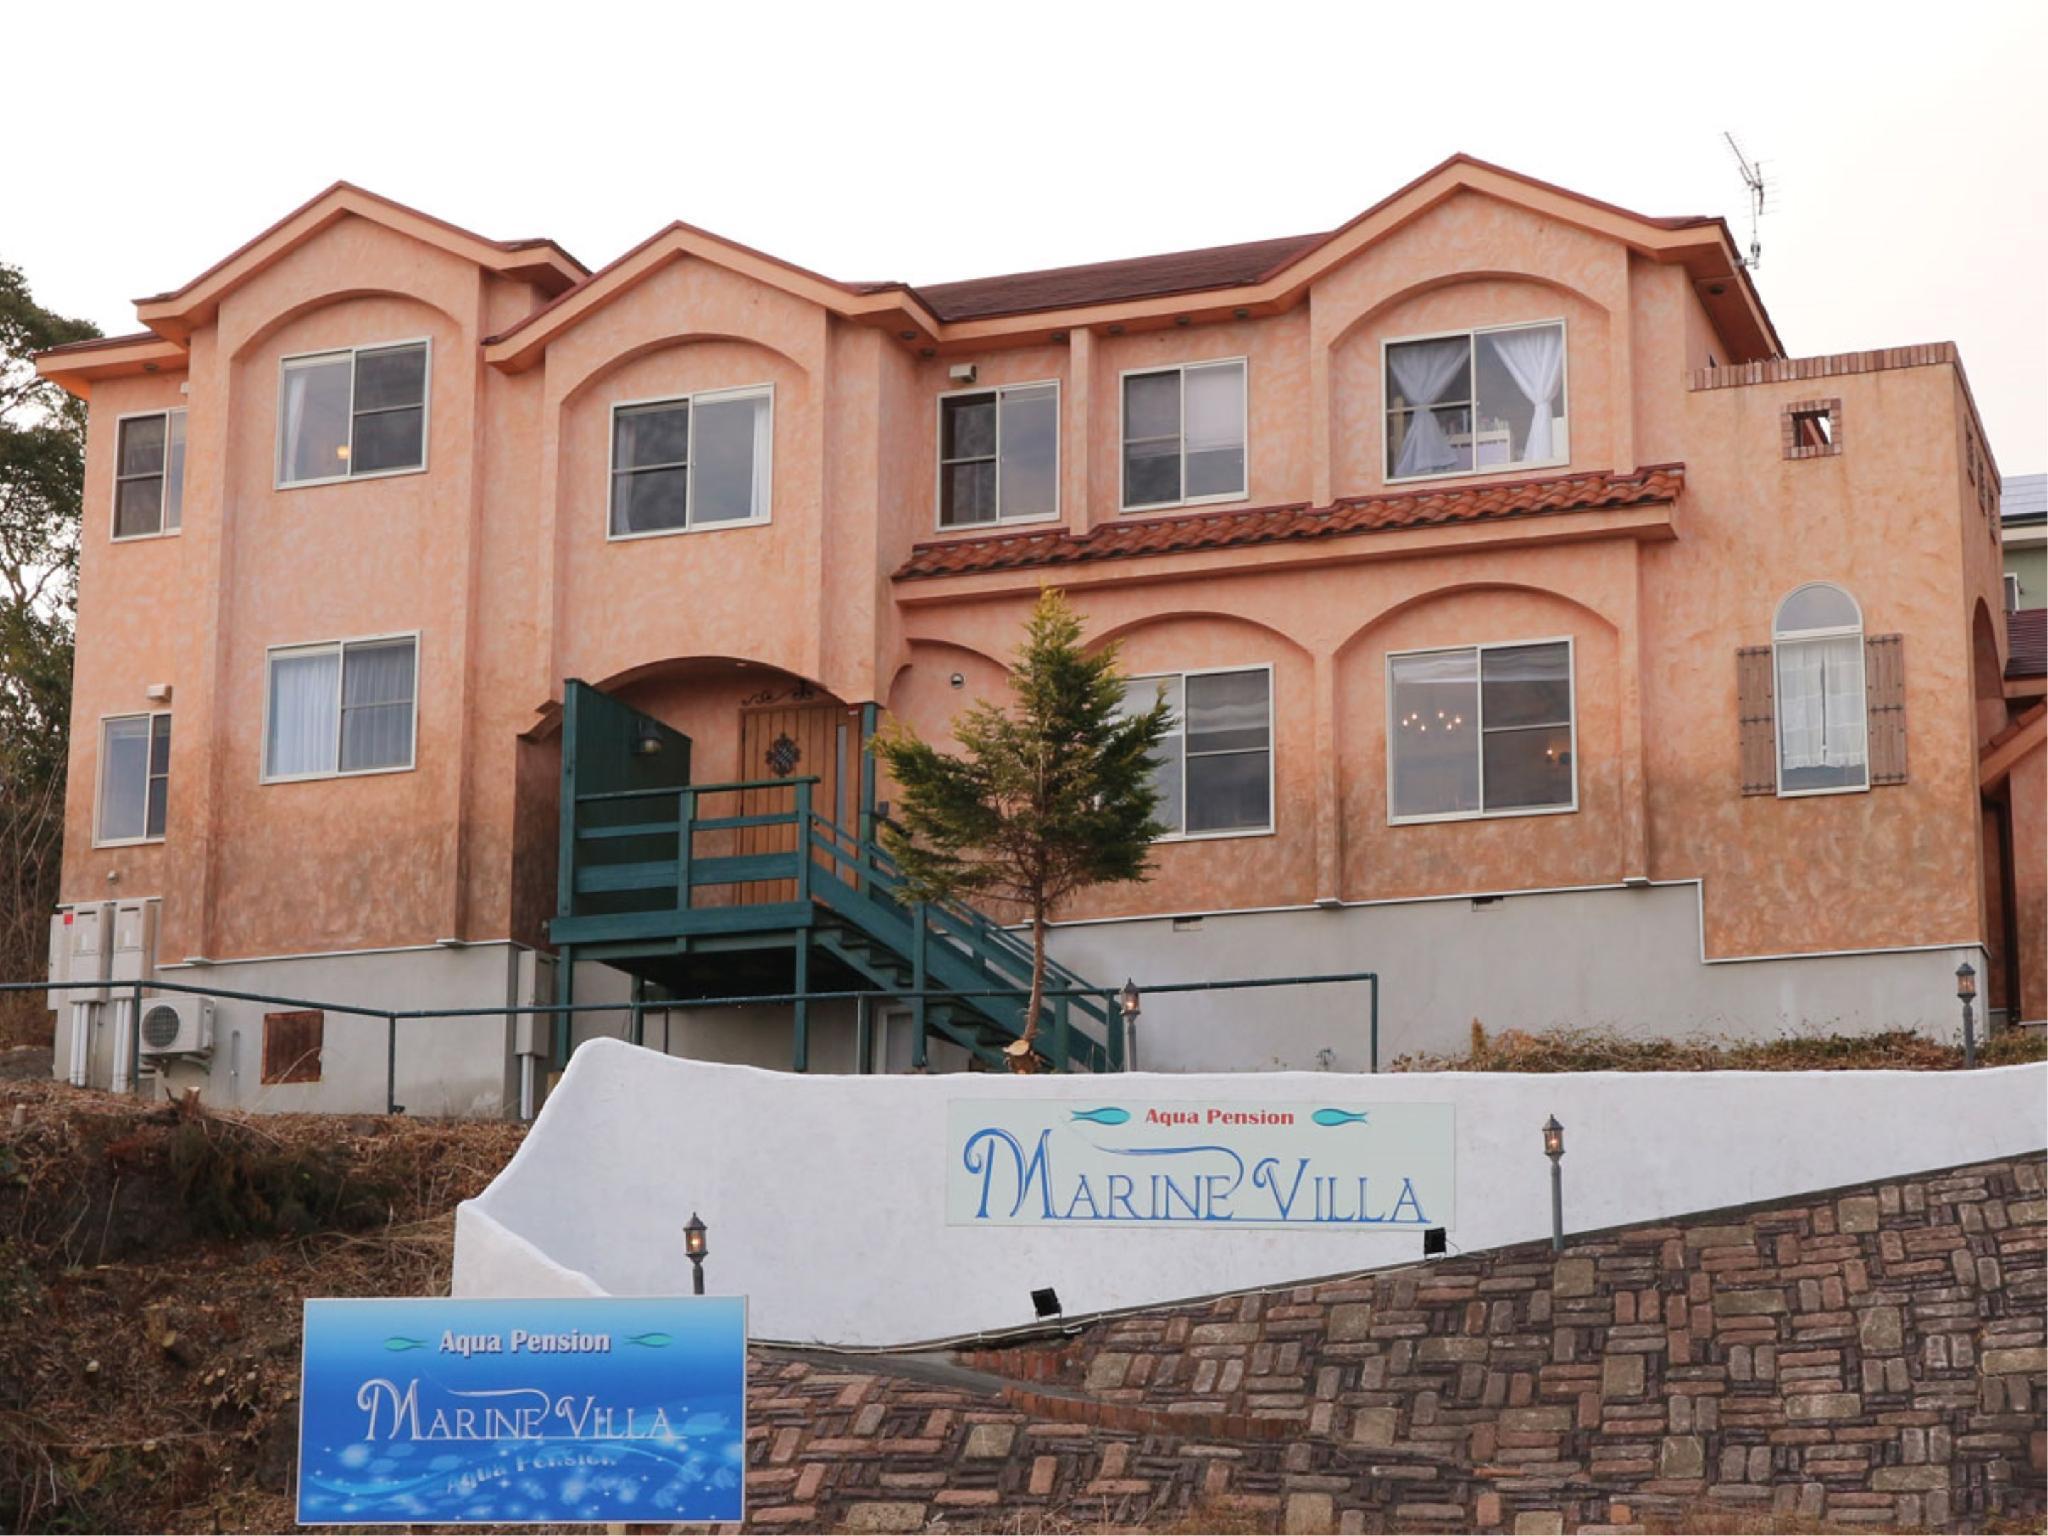 Aqua Pension Marine Villa